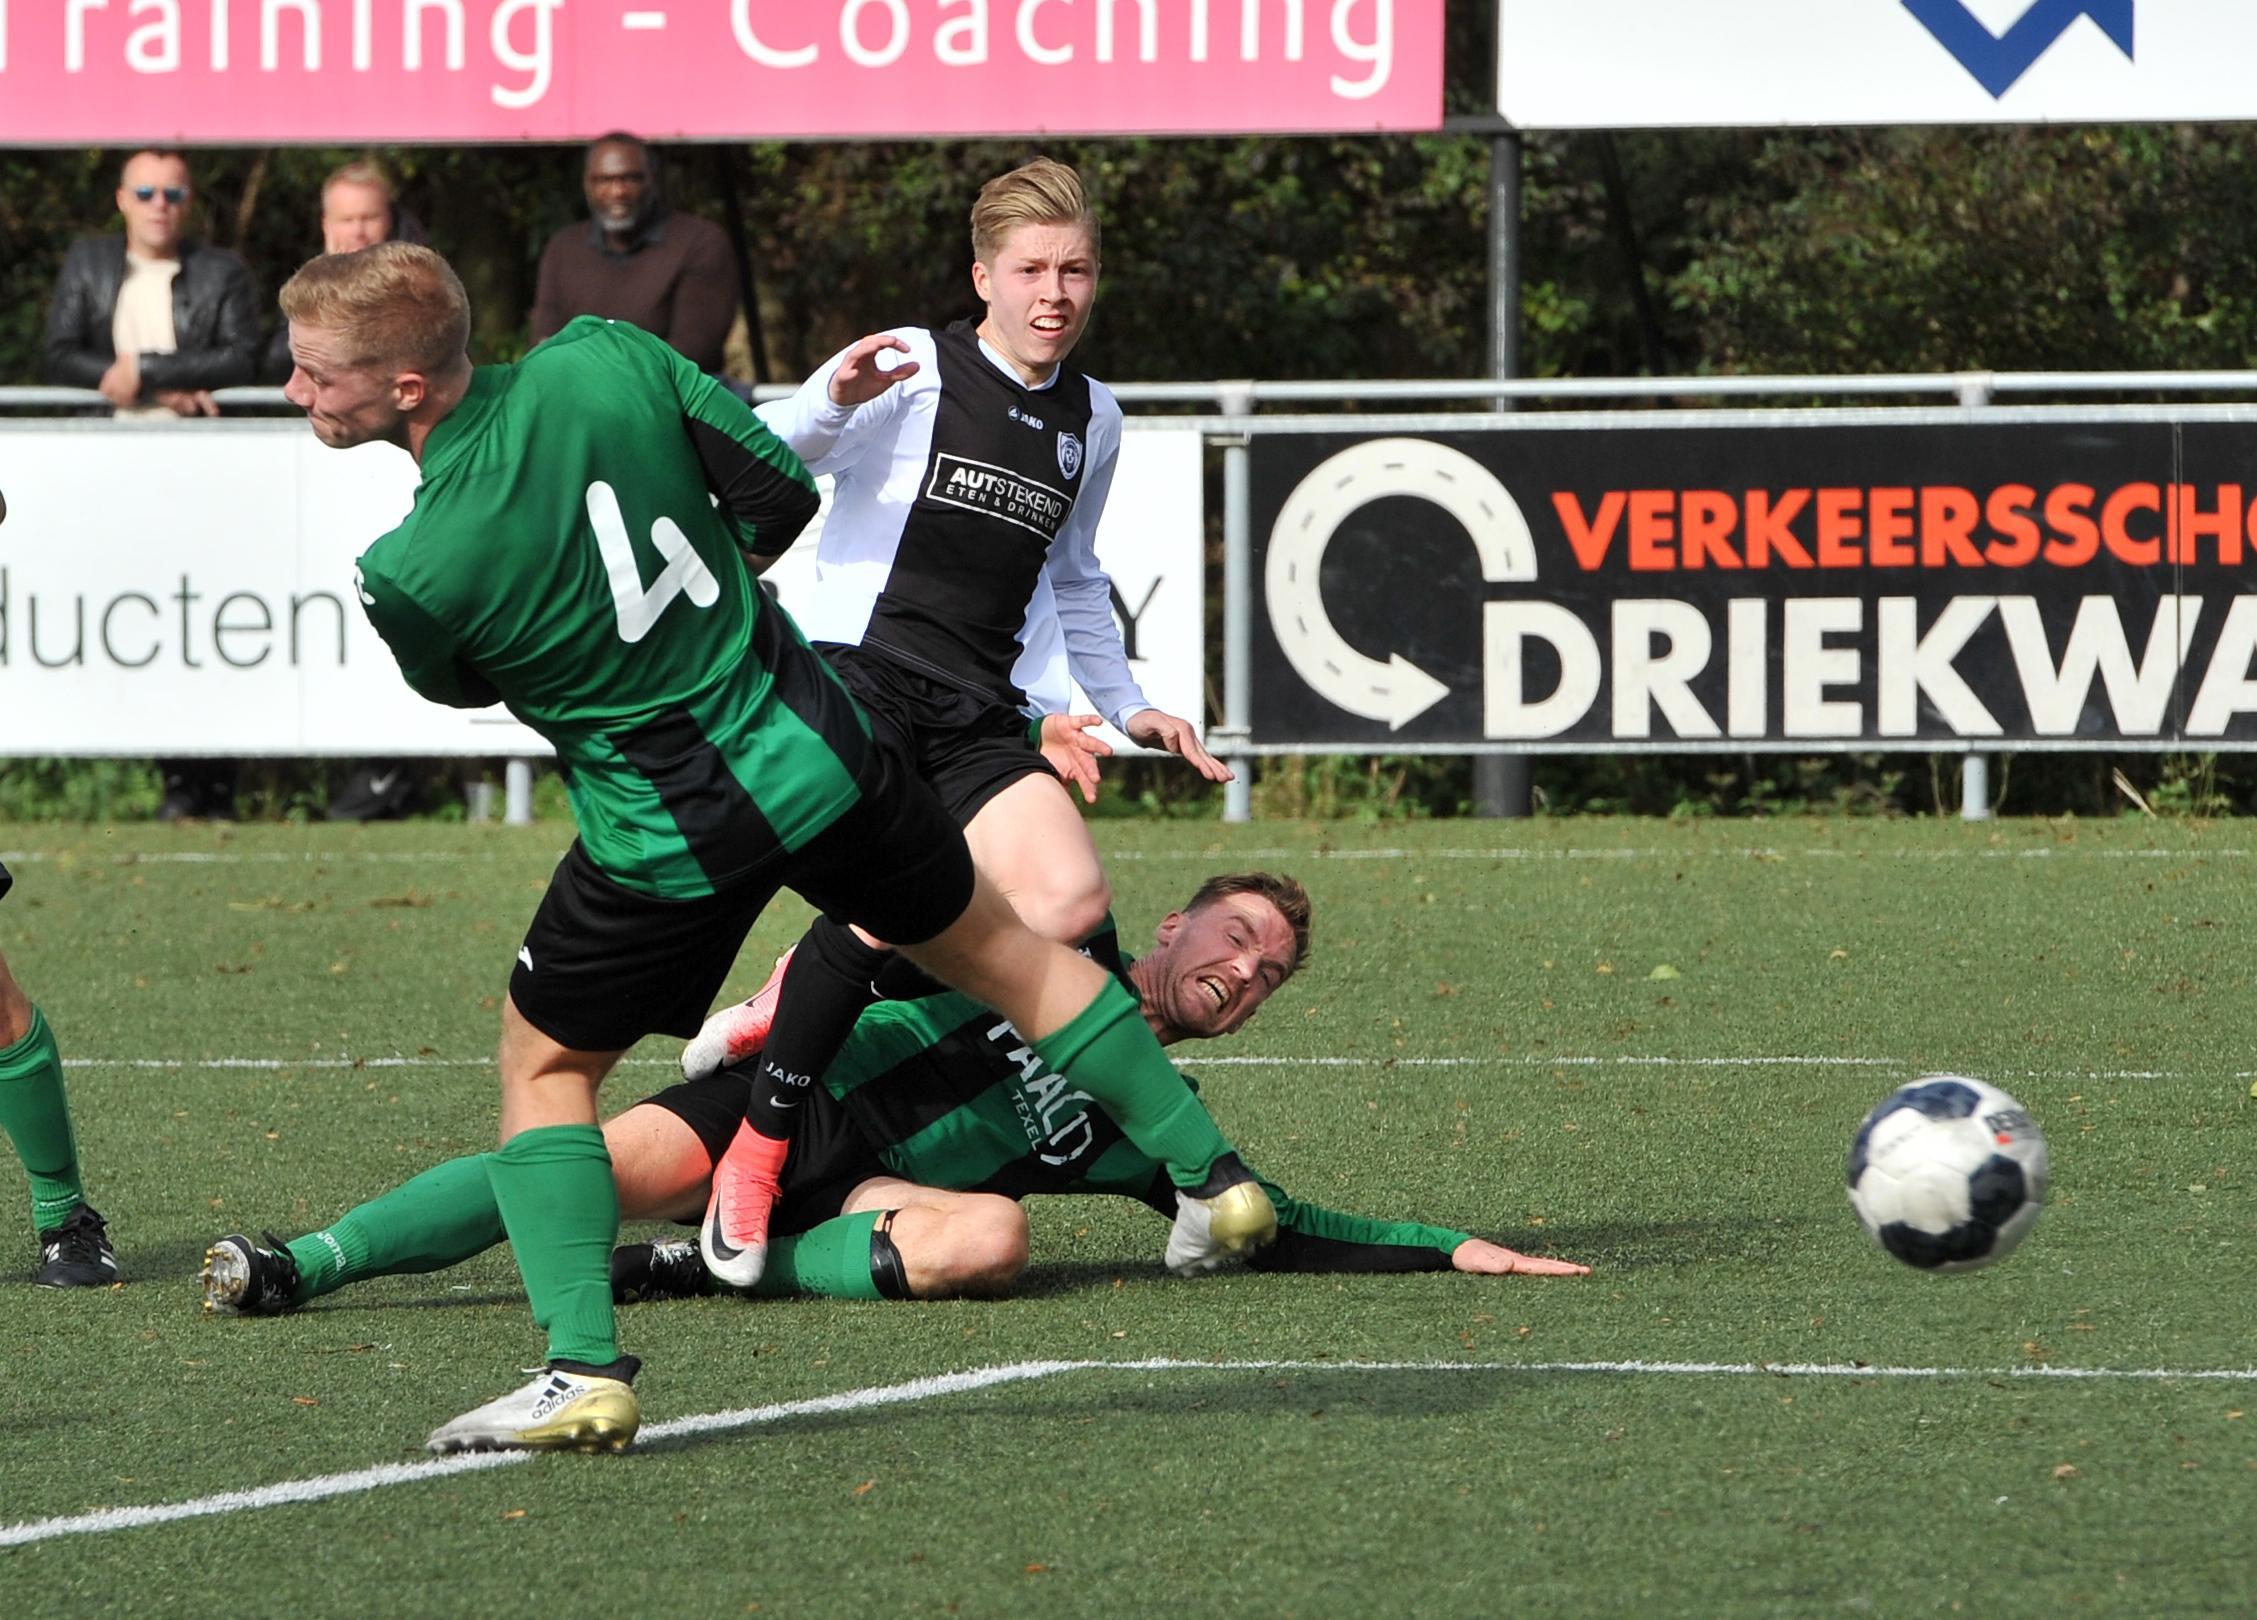 Doelman Texel'94 is sta-in-de-weg voor aanvallers Kolping Boys